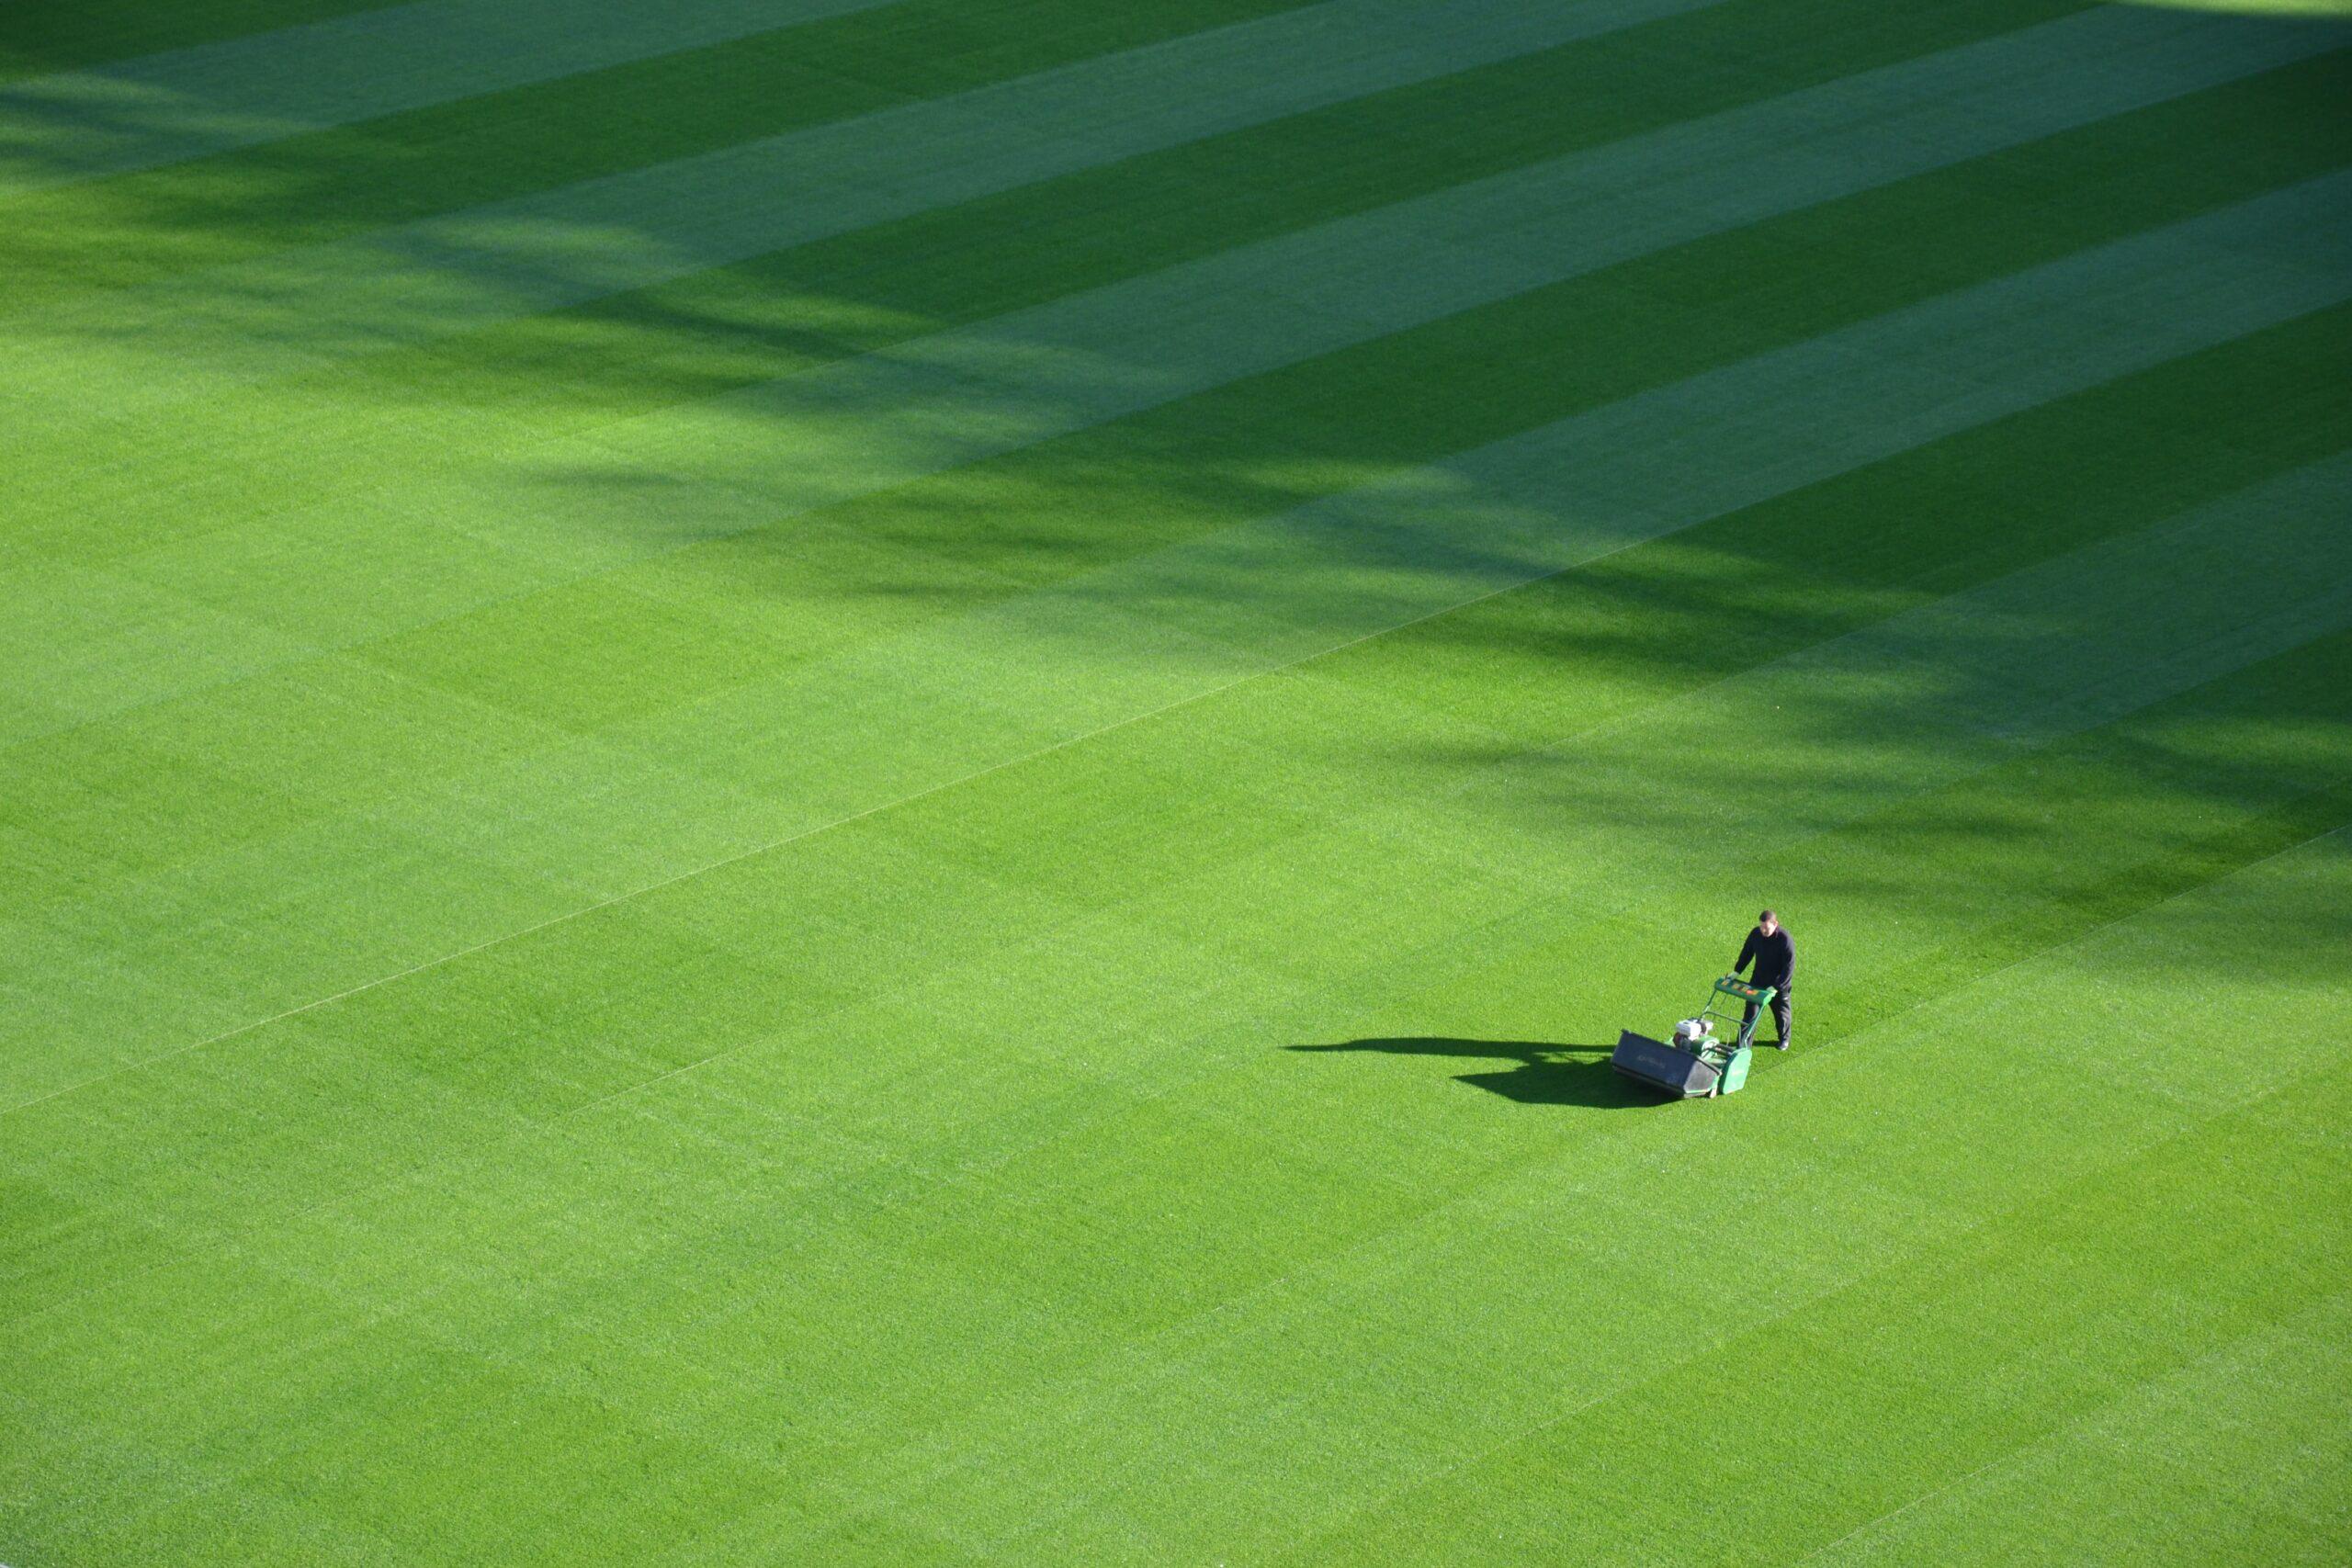 Landscaper mowing a flat, green lawn in a crisscross pattern